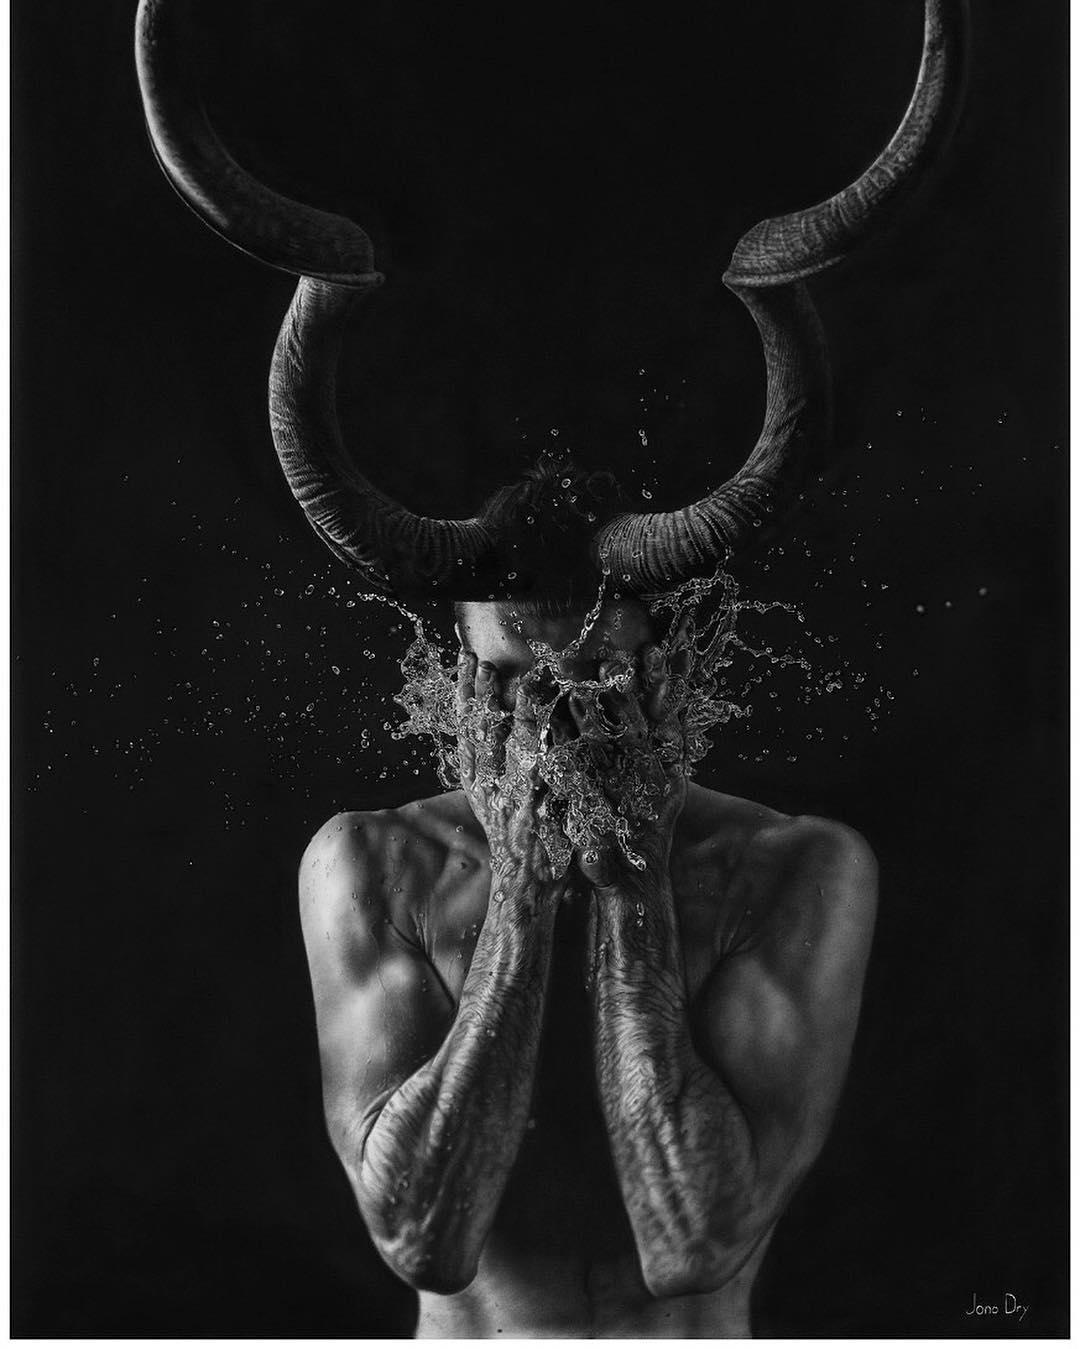 Artista funde surrealismo com realismo para desafiar a percepção do que é real e fantasia 09